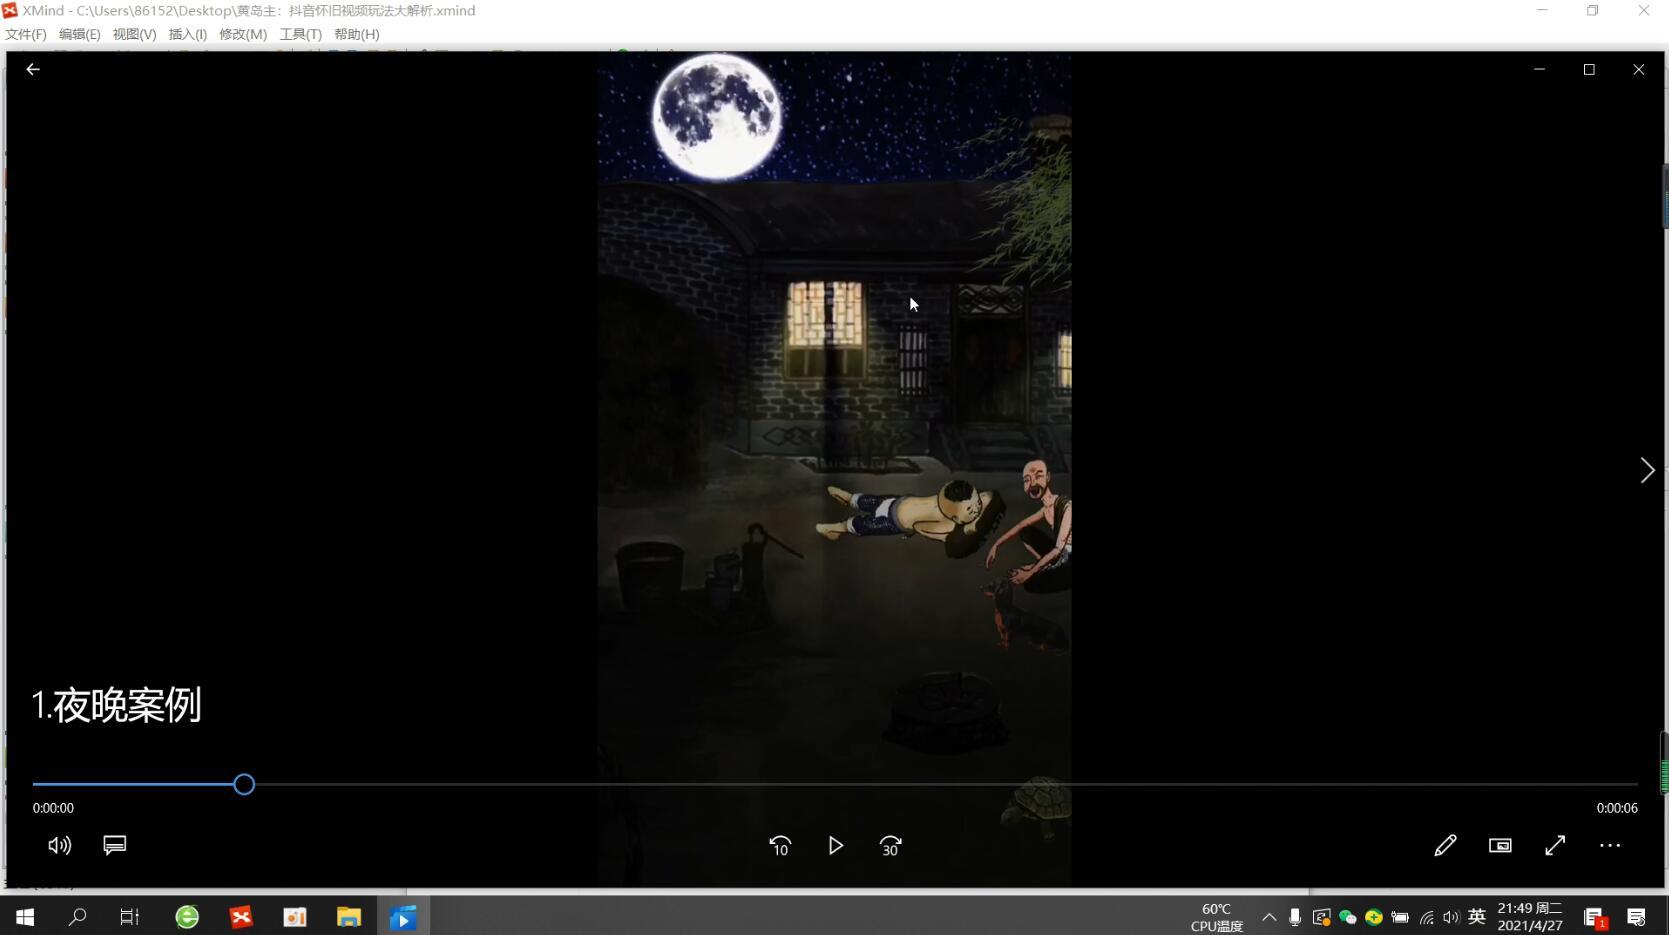 黄岛主·抖音超清怀旧视频热门玩法+变现模式大解析【无水印】